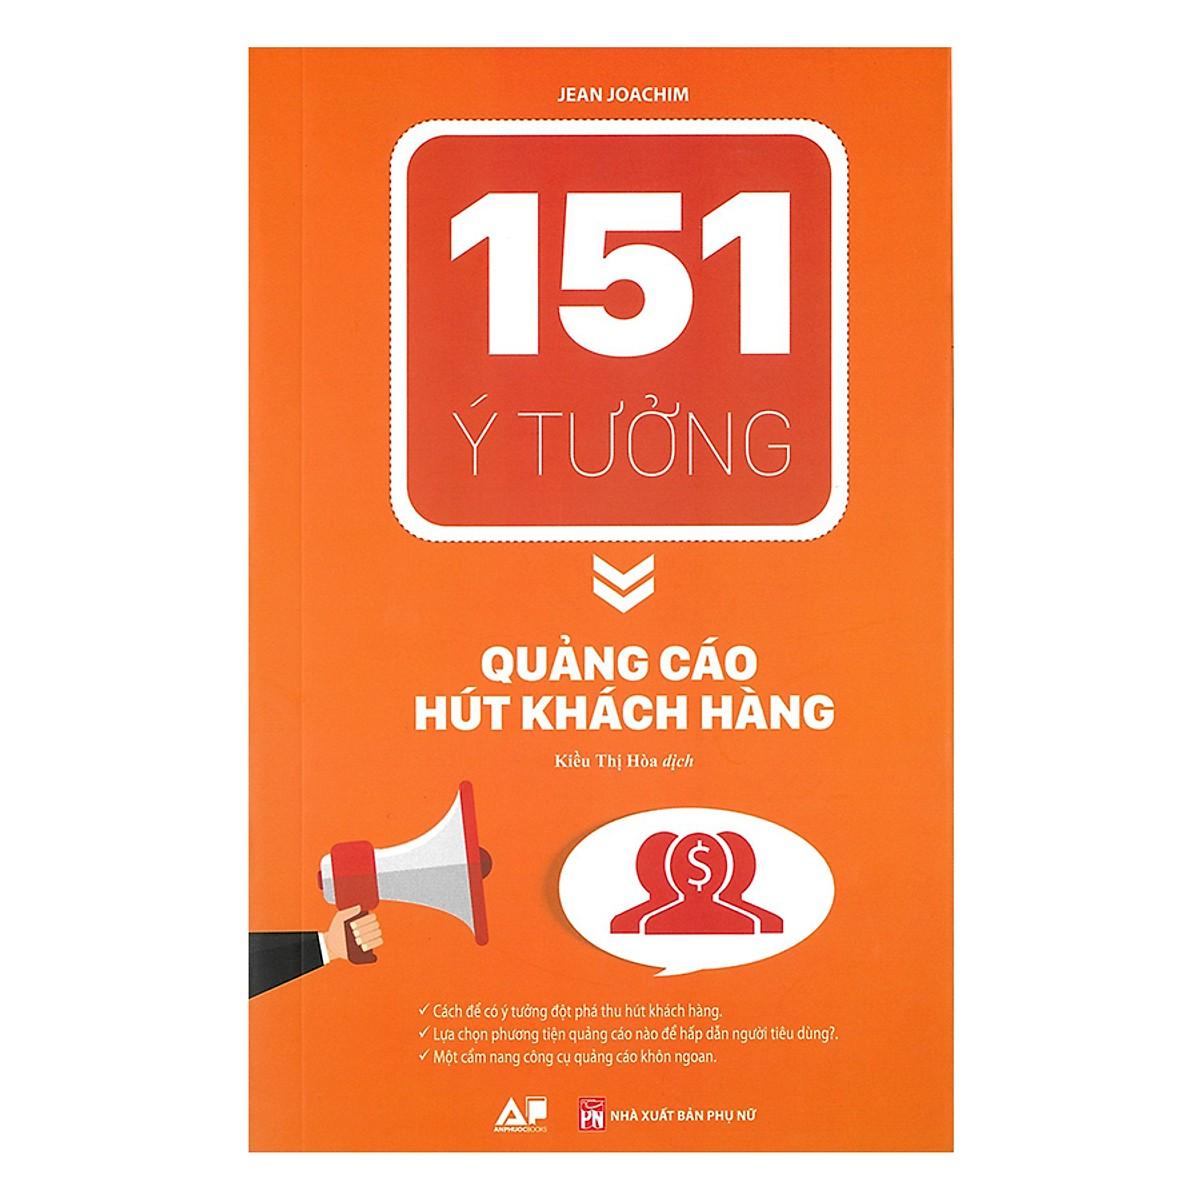 151 Ý Tưởng - Quảng Cáo Hút Khách Hàng ( tặng sổ tay mini dễ thương KZ )